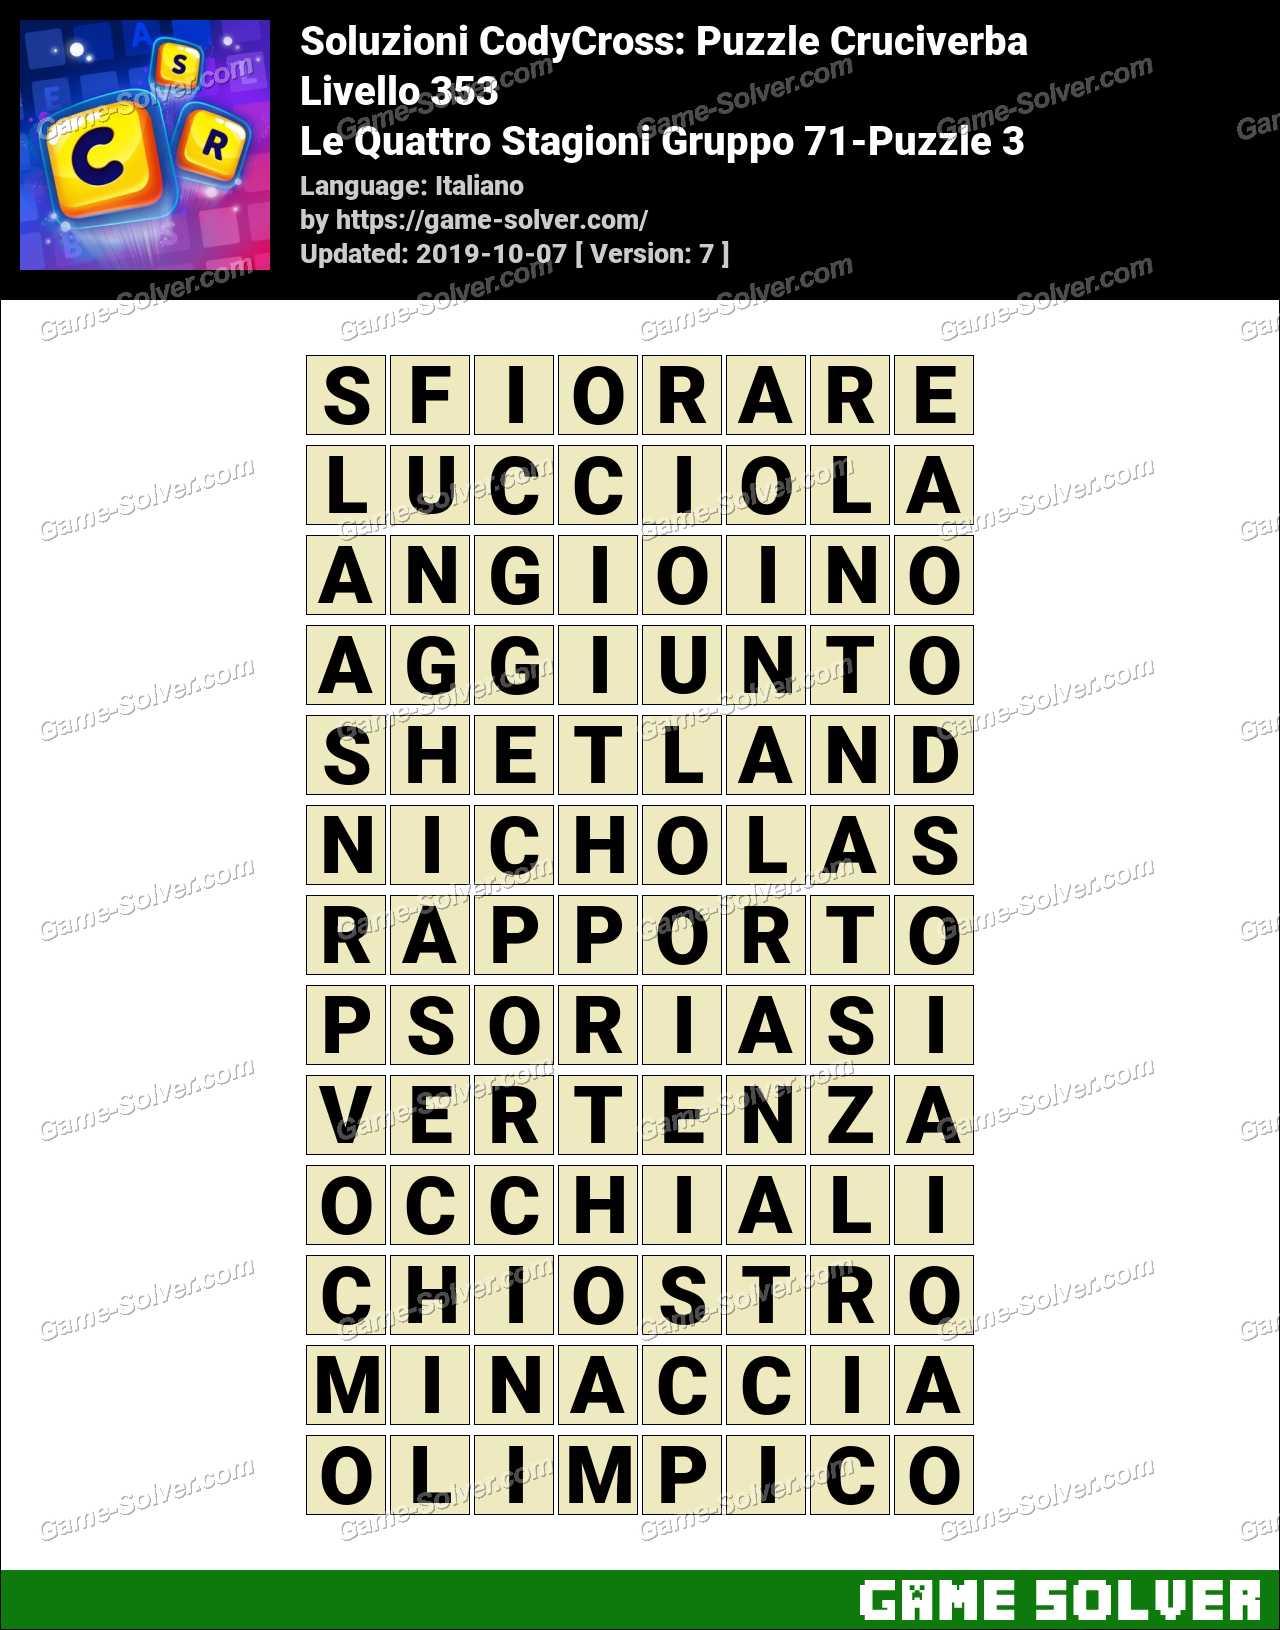 Soluzioni CodyCross Le Quattro Stagioni Gruppo 71-Puzzle 3